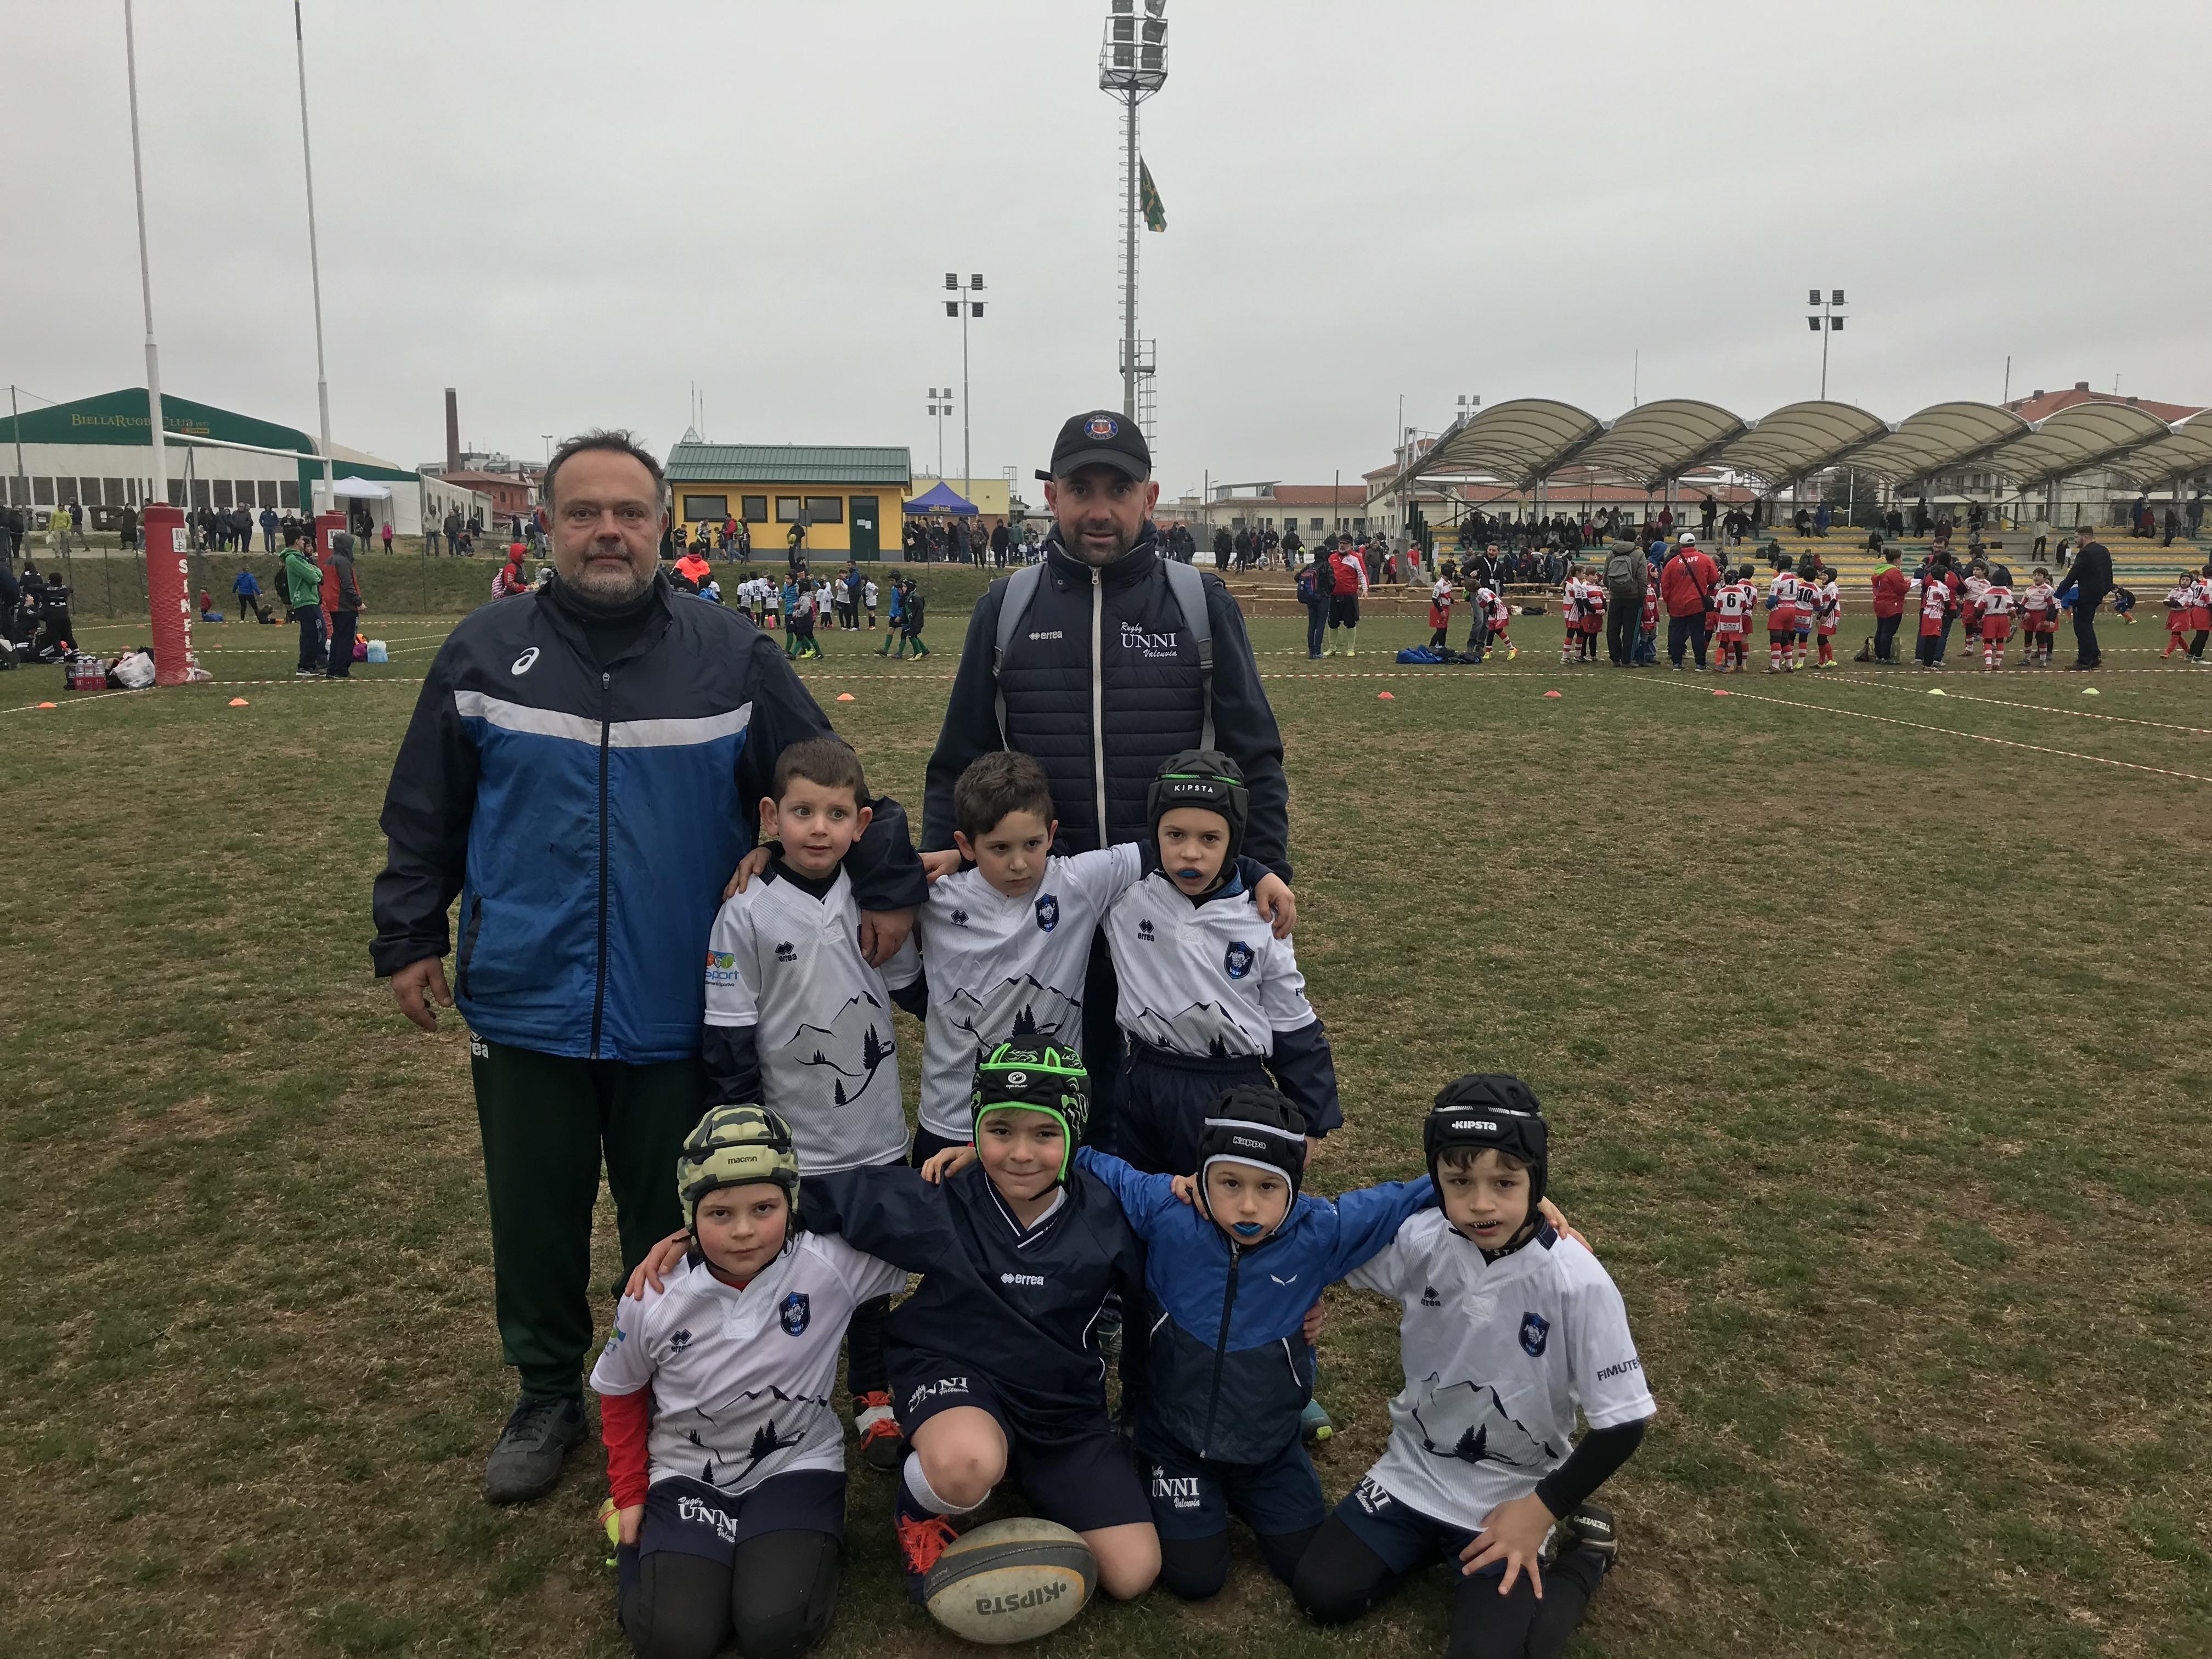 Calendario Tornei Minirugby 2020.Minirugby Torneo Dell Orso Asd Rugby Valcuvia